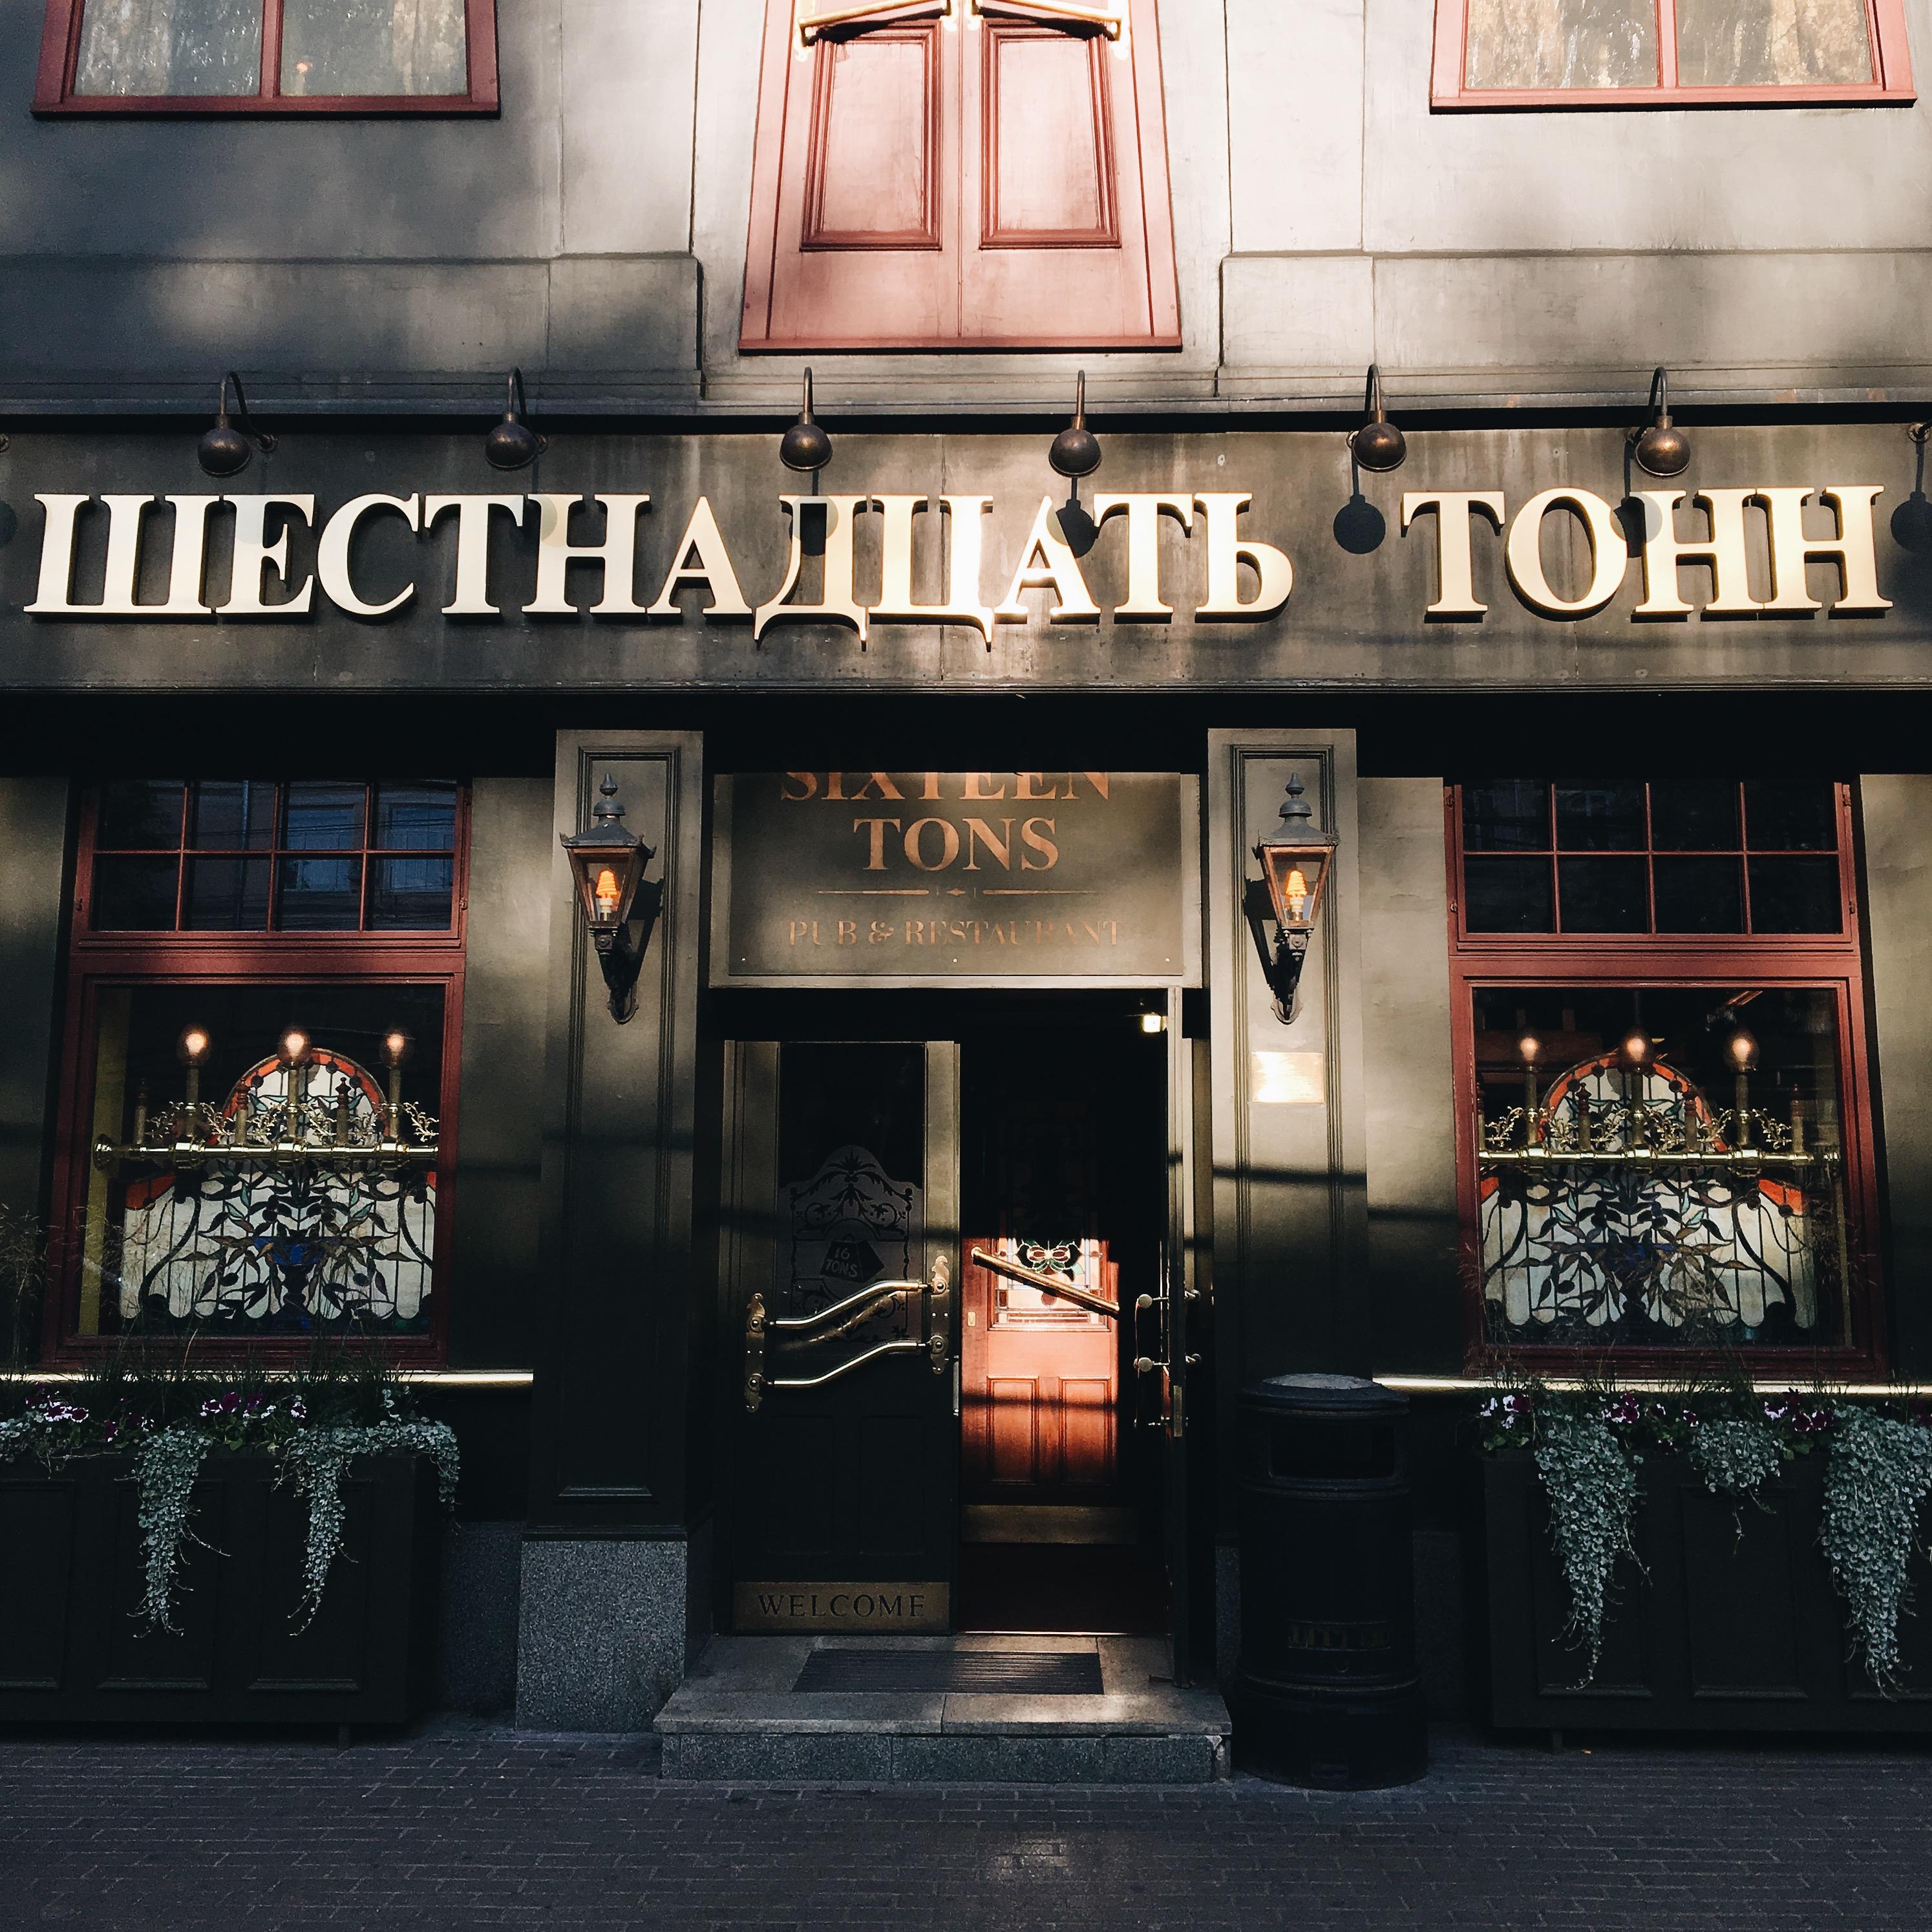 Клуб 16 тонн в москве официальный сайт ночной клуб сергиев посад кто работает